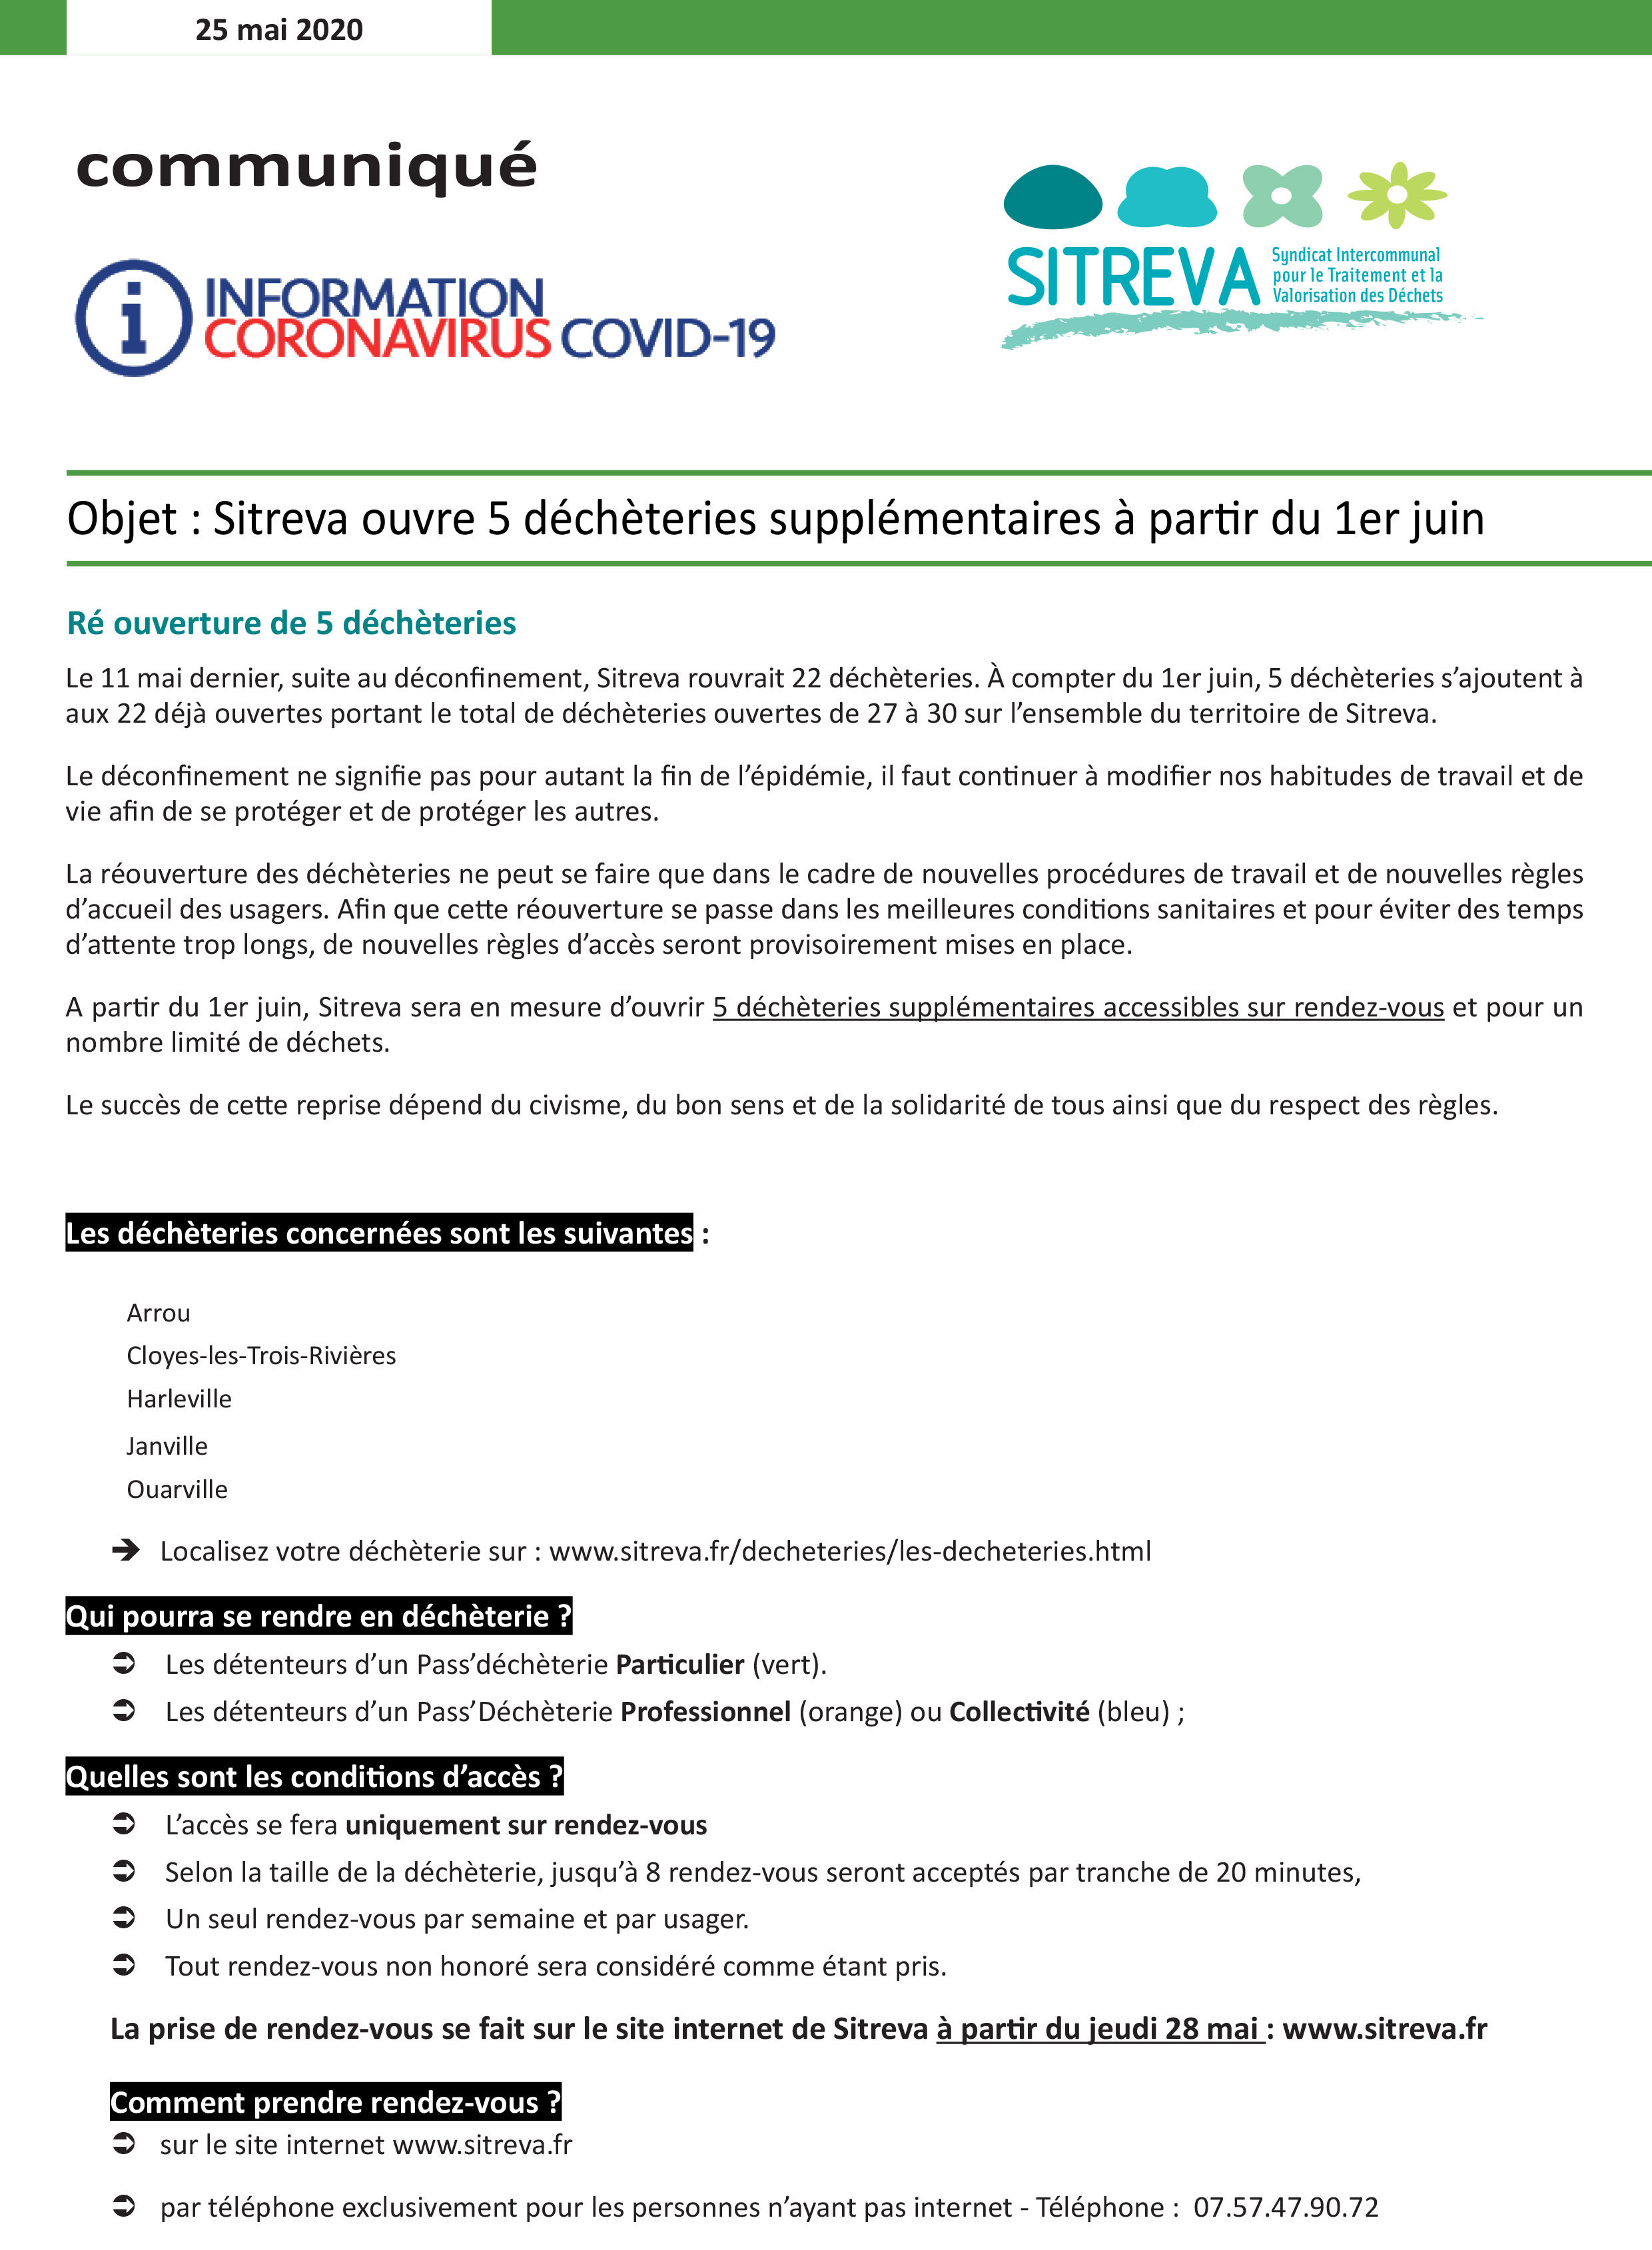 communique_reouverture-5-decheteries-supplementaires-1